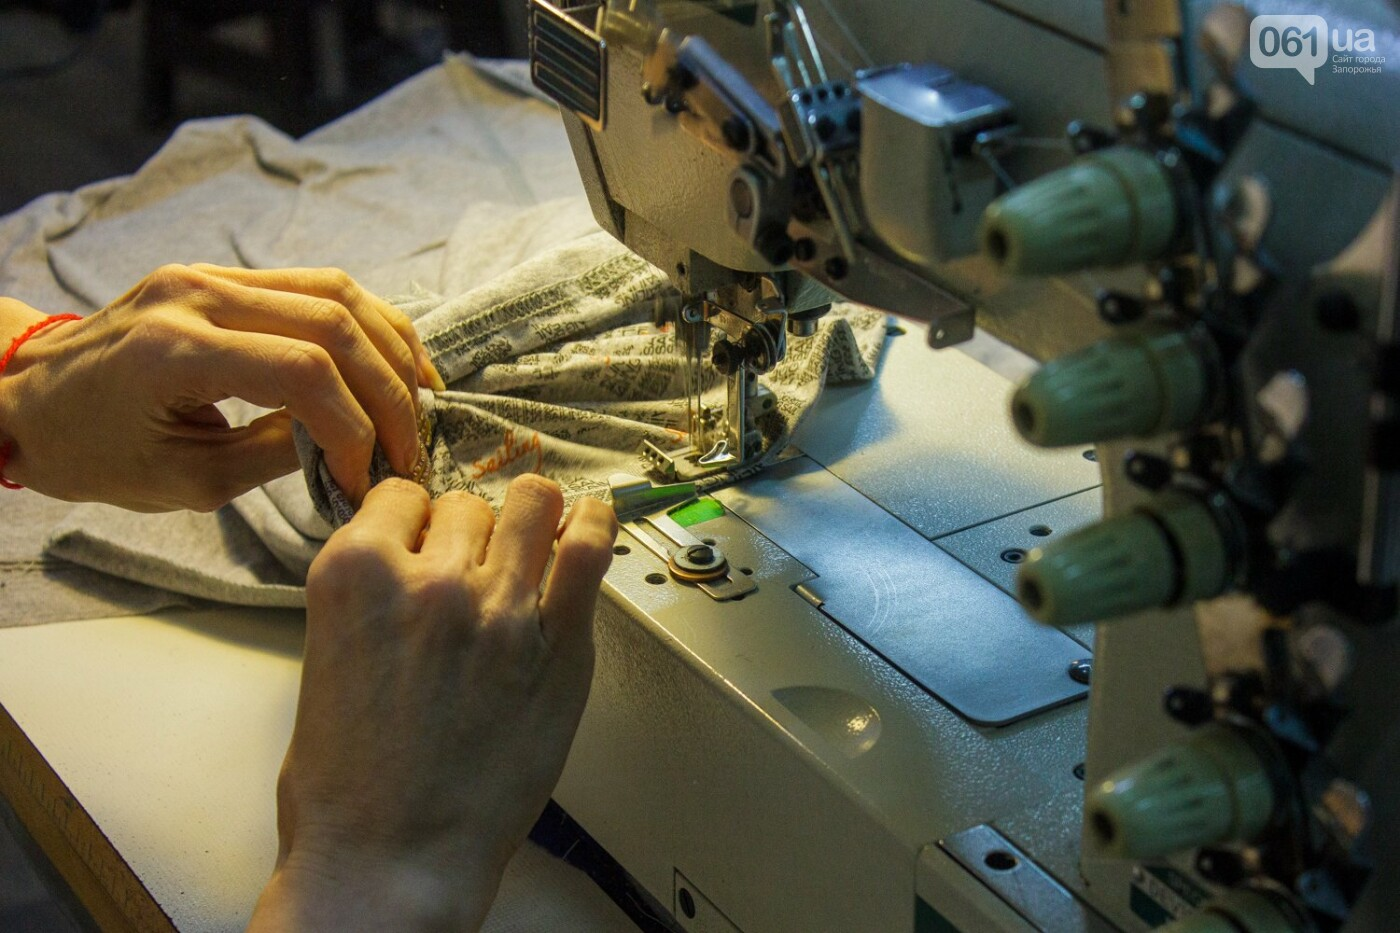 Как в Запорожье шьют мужское белье: экскурсия на трикотажную фабрику, – ФОТОРЕПОРТАЖ, фото-3